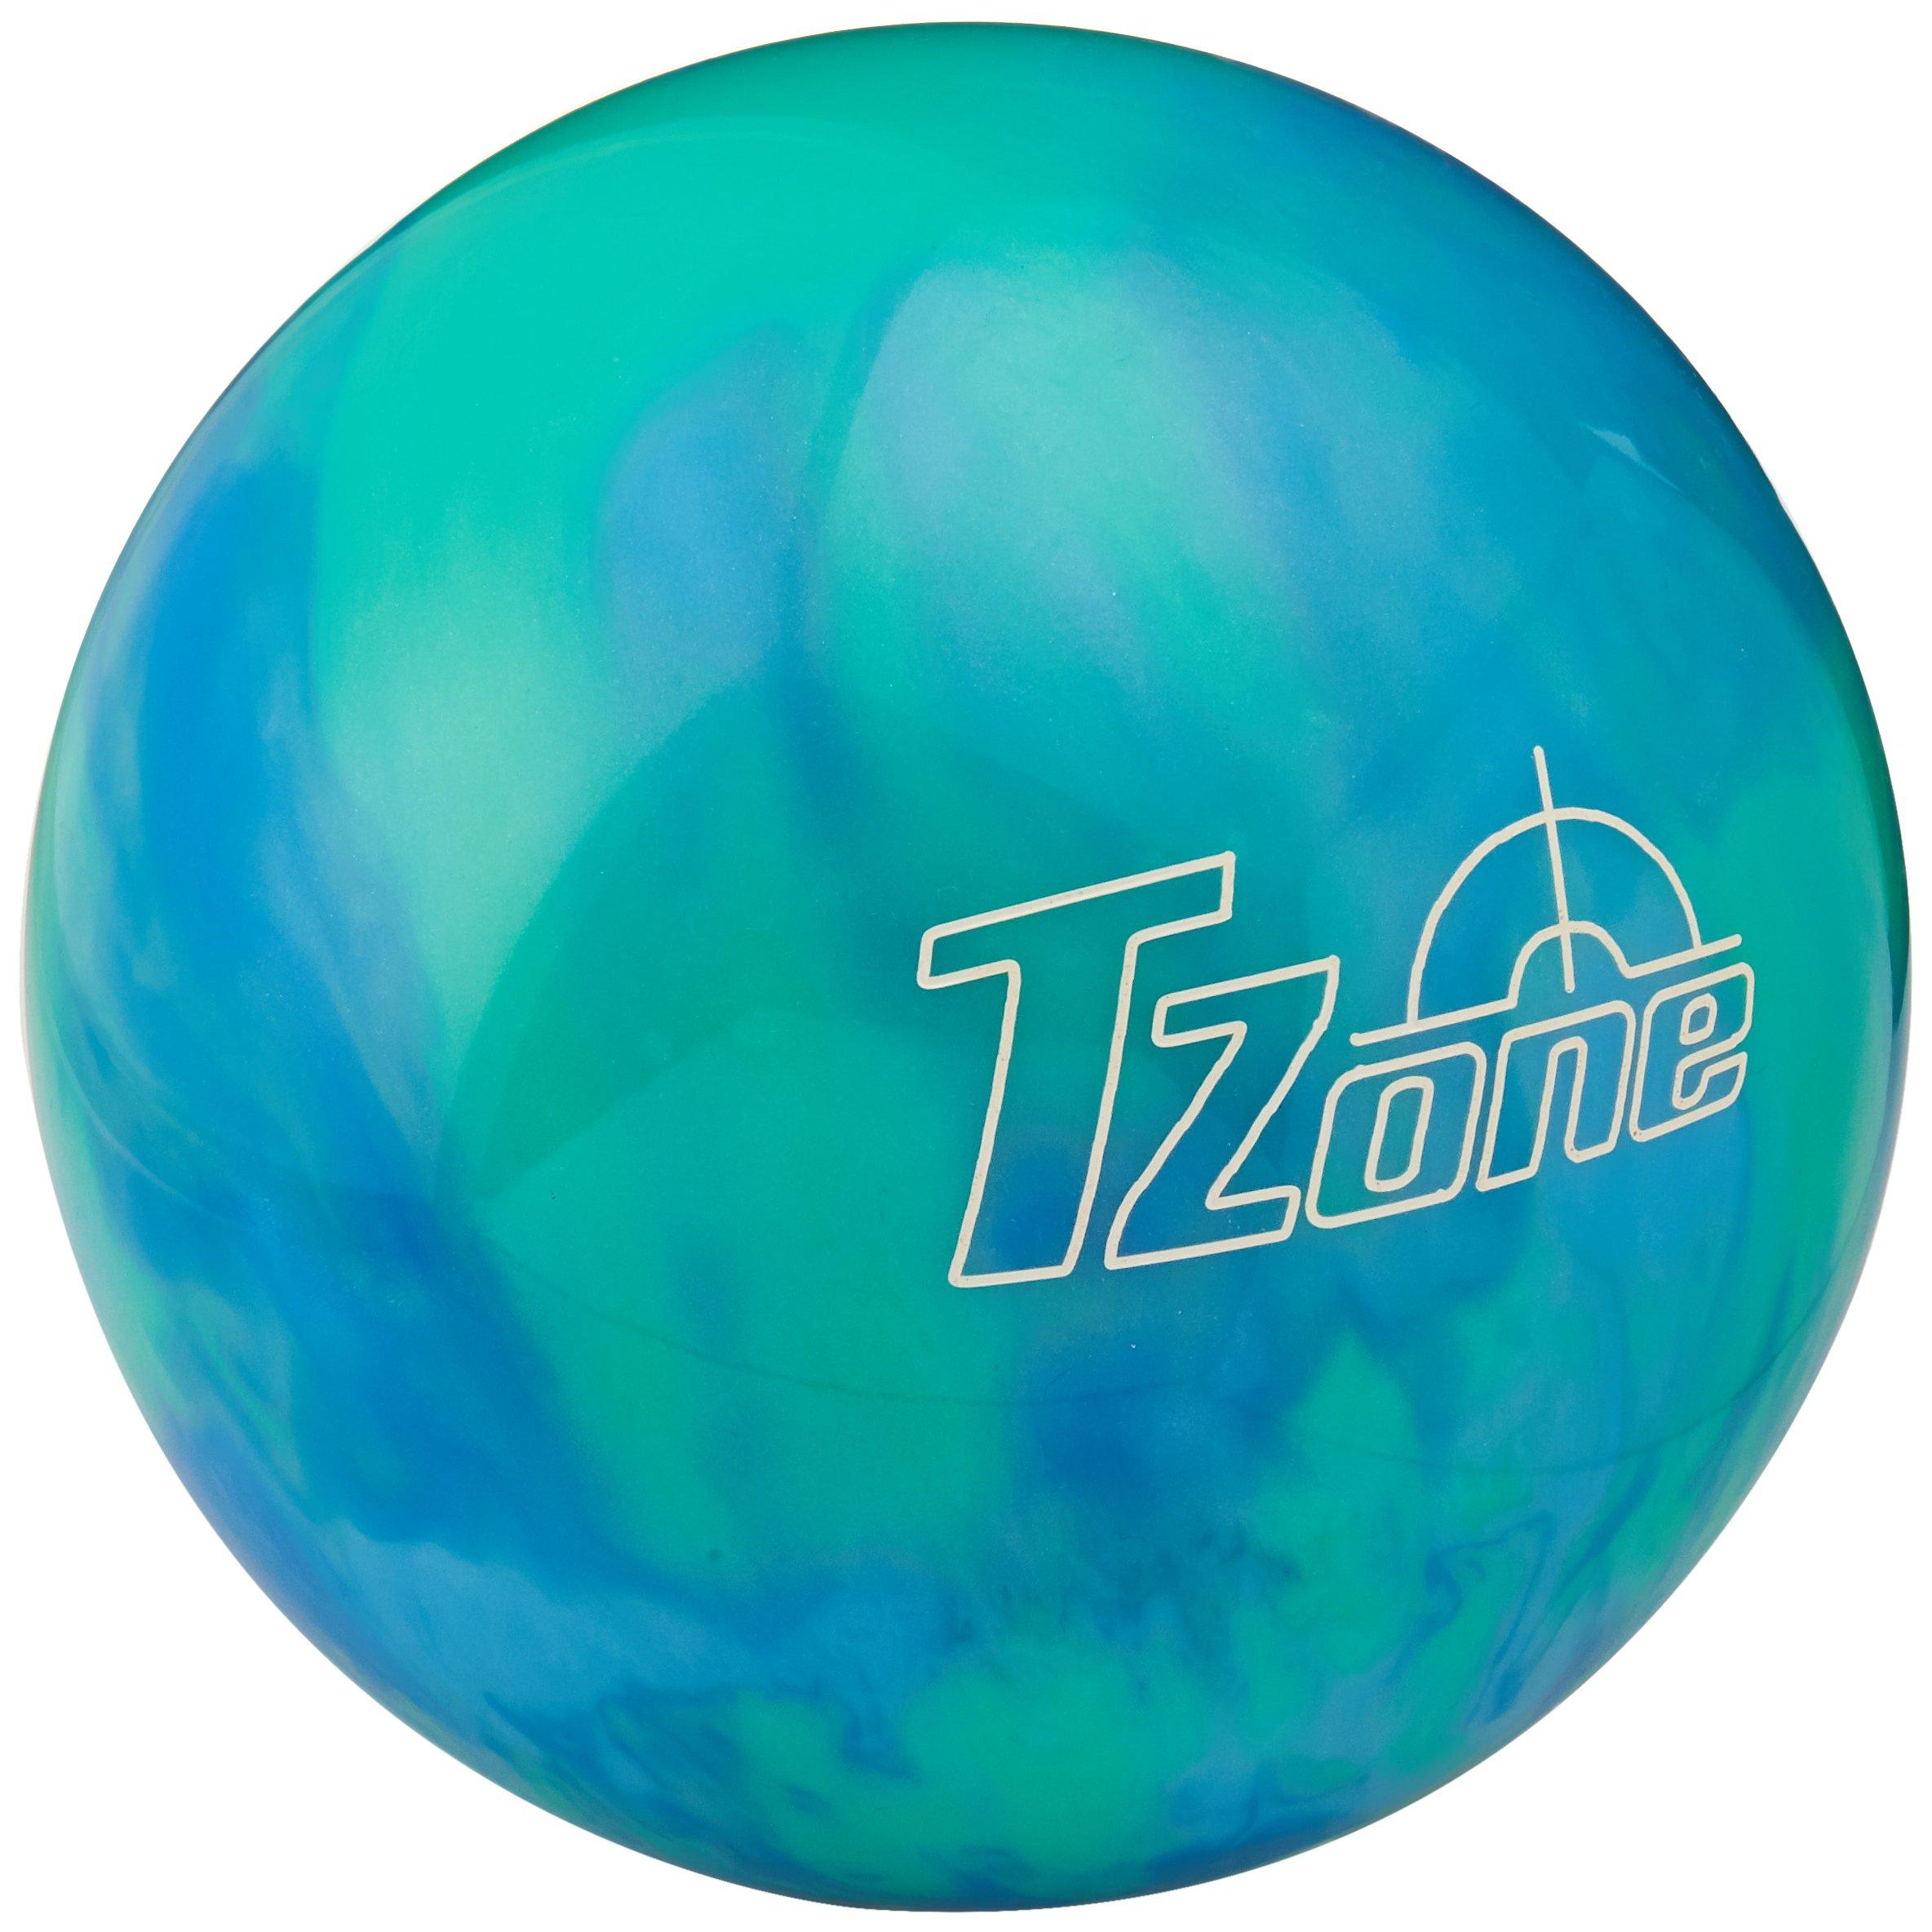 Brunswick TZone Caribbean Blue Bowling Ball (14-Pounds) by Brunswick